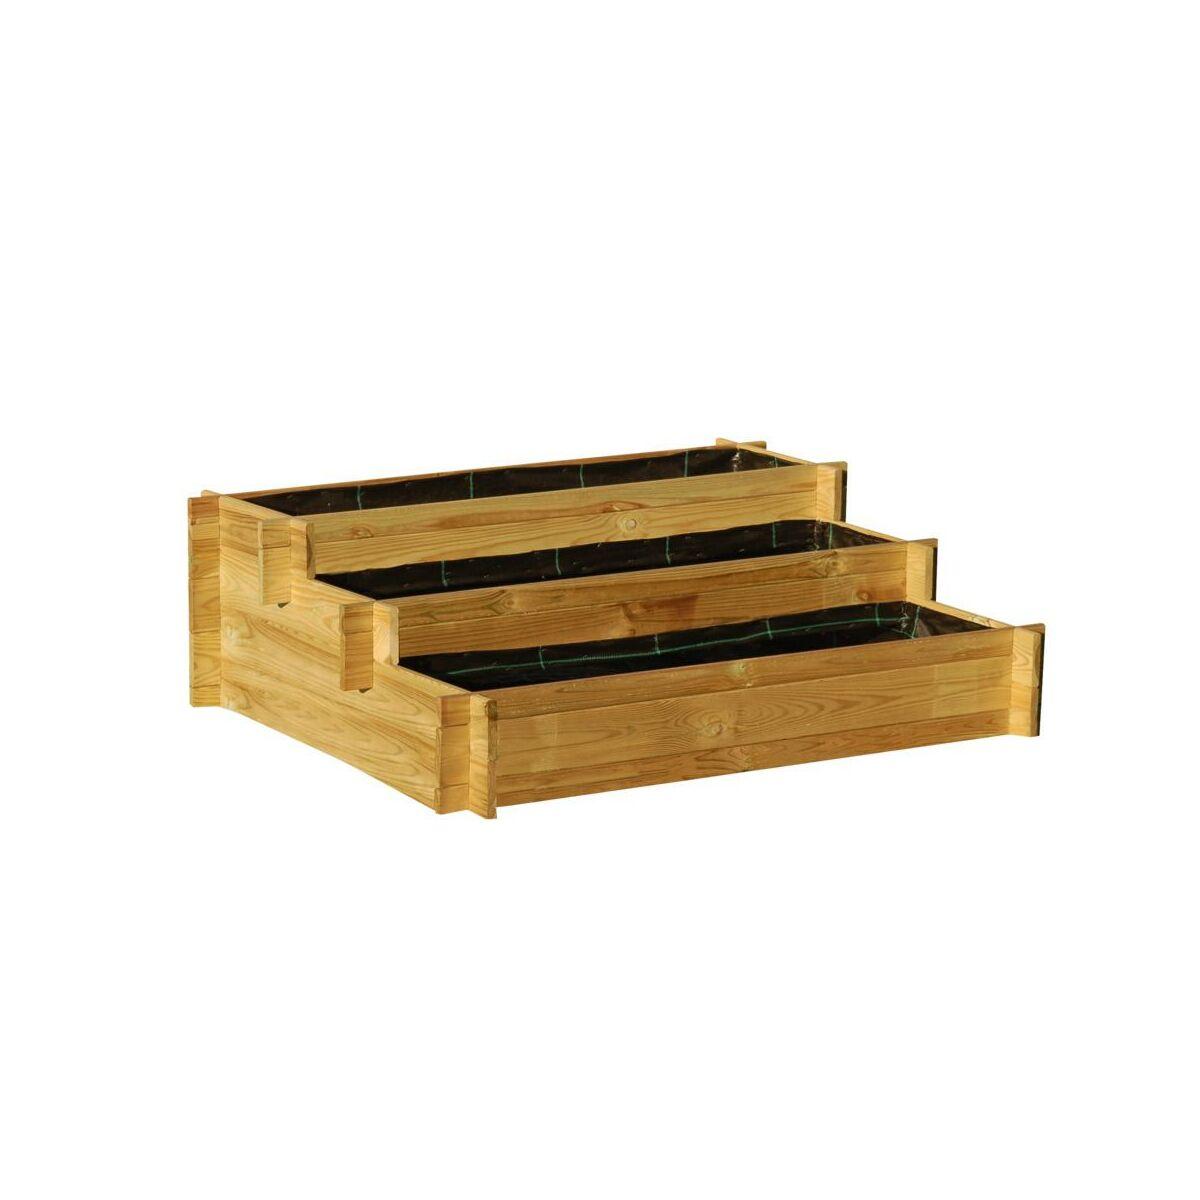 Warzywnik 100 x 75 cm drewniany NIKOLE FOREST STYLE